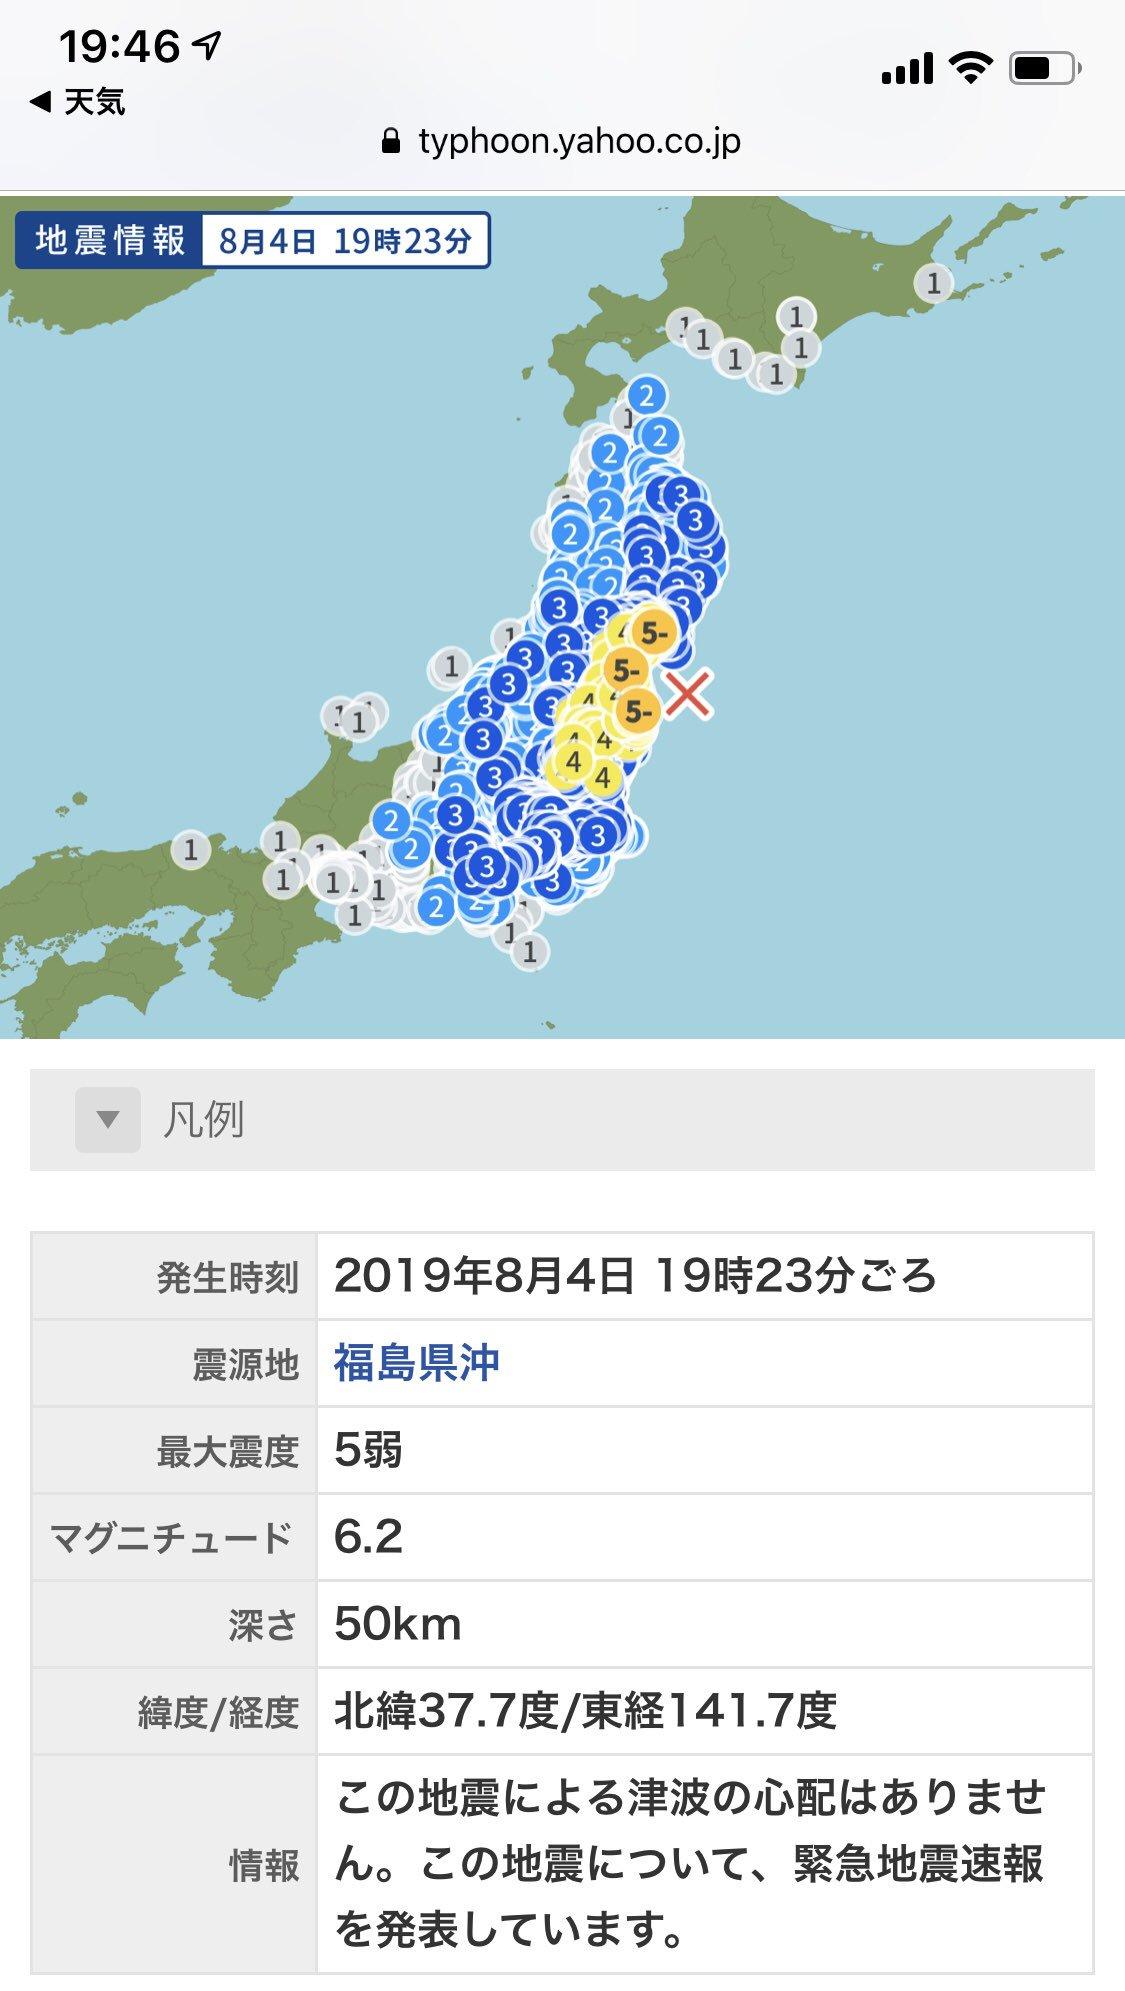 震度1の範囲がけっこう広い気がする。  地震情報 - Yahoo!天気・災害 https://t.co/IaawxVZKGF https://t.co/nPduSTtPhO